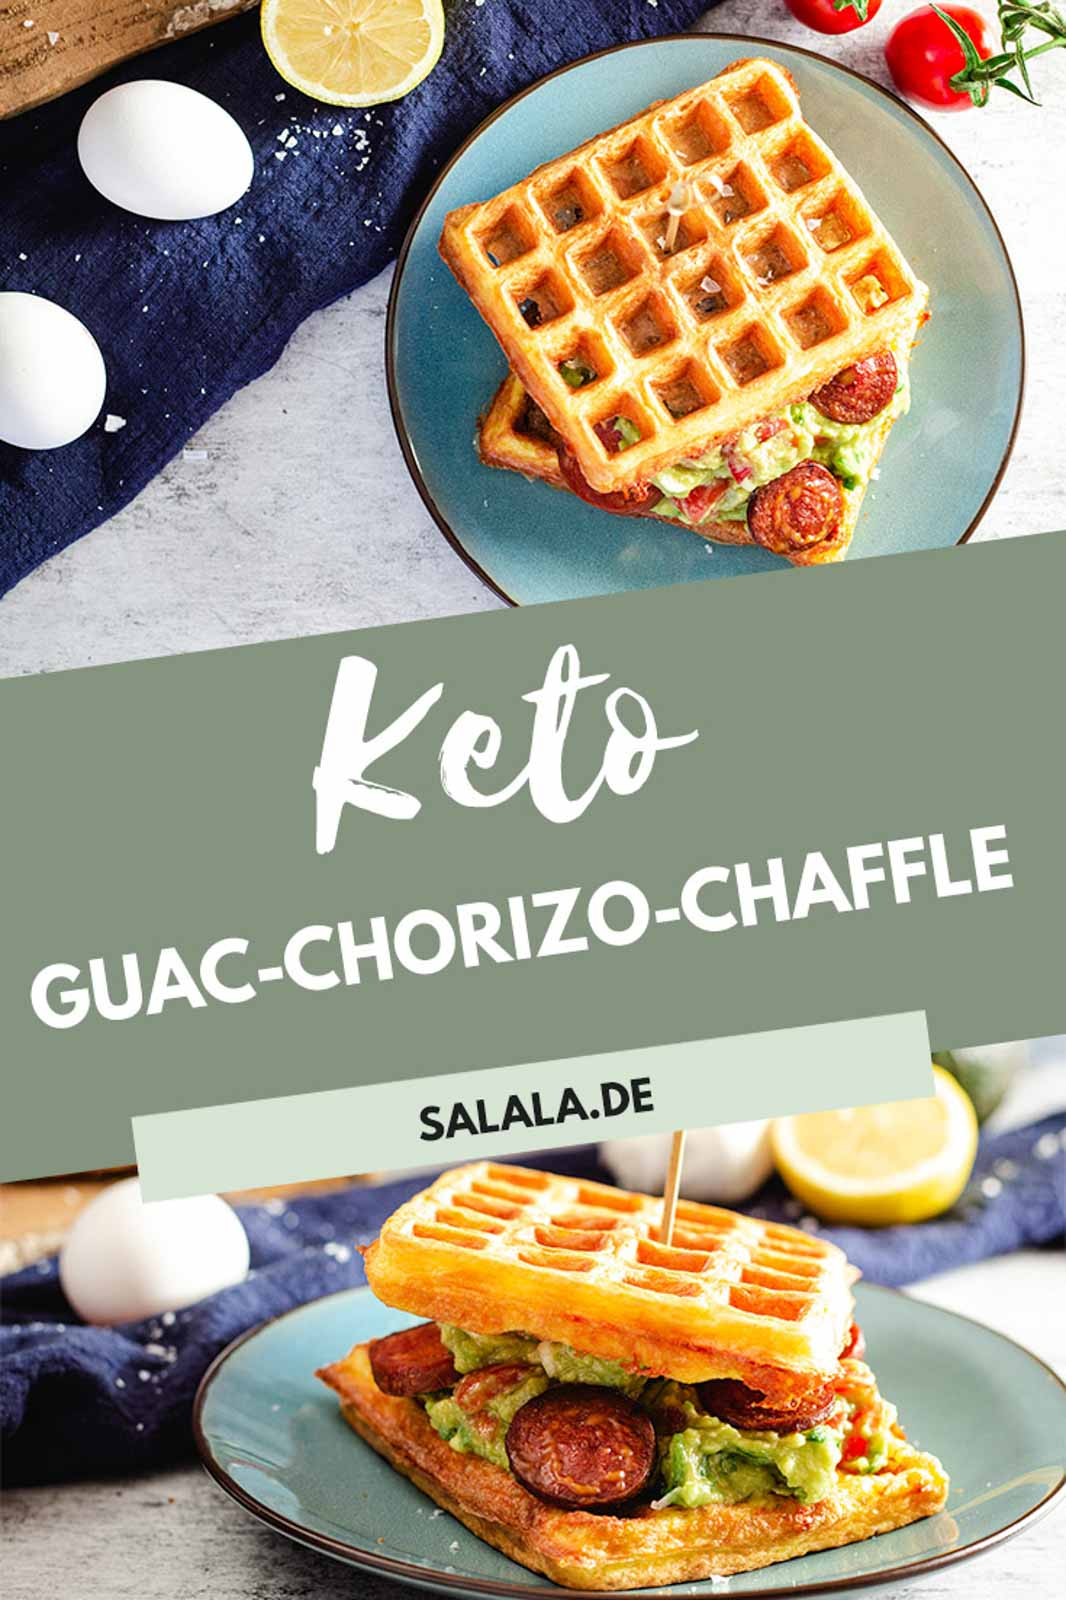 Keto Fingerfood in ganz einfach. Rezept für eine Chaffel gefüllt mit einer Art Guacamole aus leckerer Avocado und Zitrone zusammen mit angebratener Chorizo. Perfekt zum Mitnehmen oder als Low Carb Mittagessen. #Chaffle #KetoChaffle #GefuellteChaffle #LowCarbWaffel #Guacamole